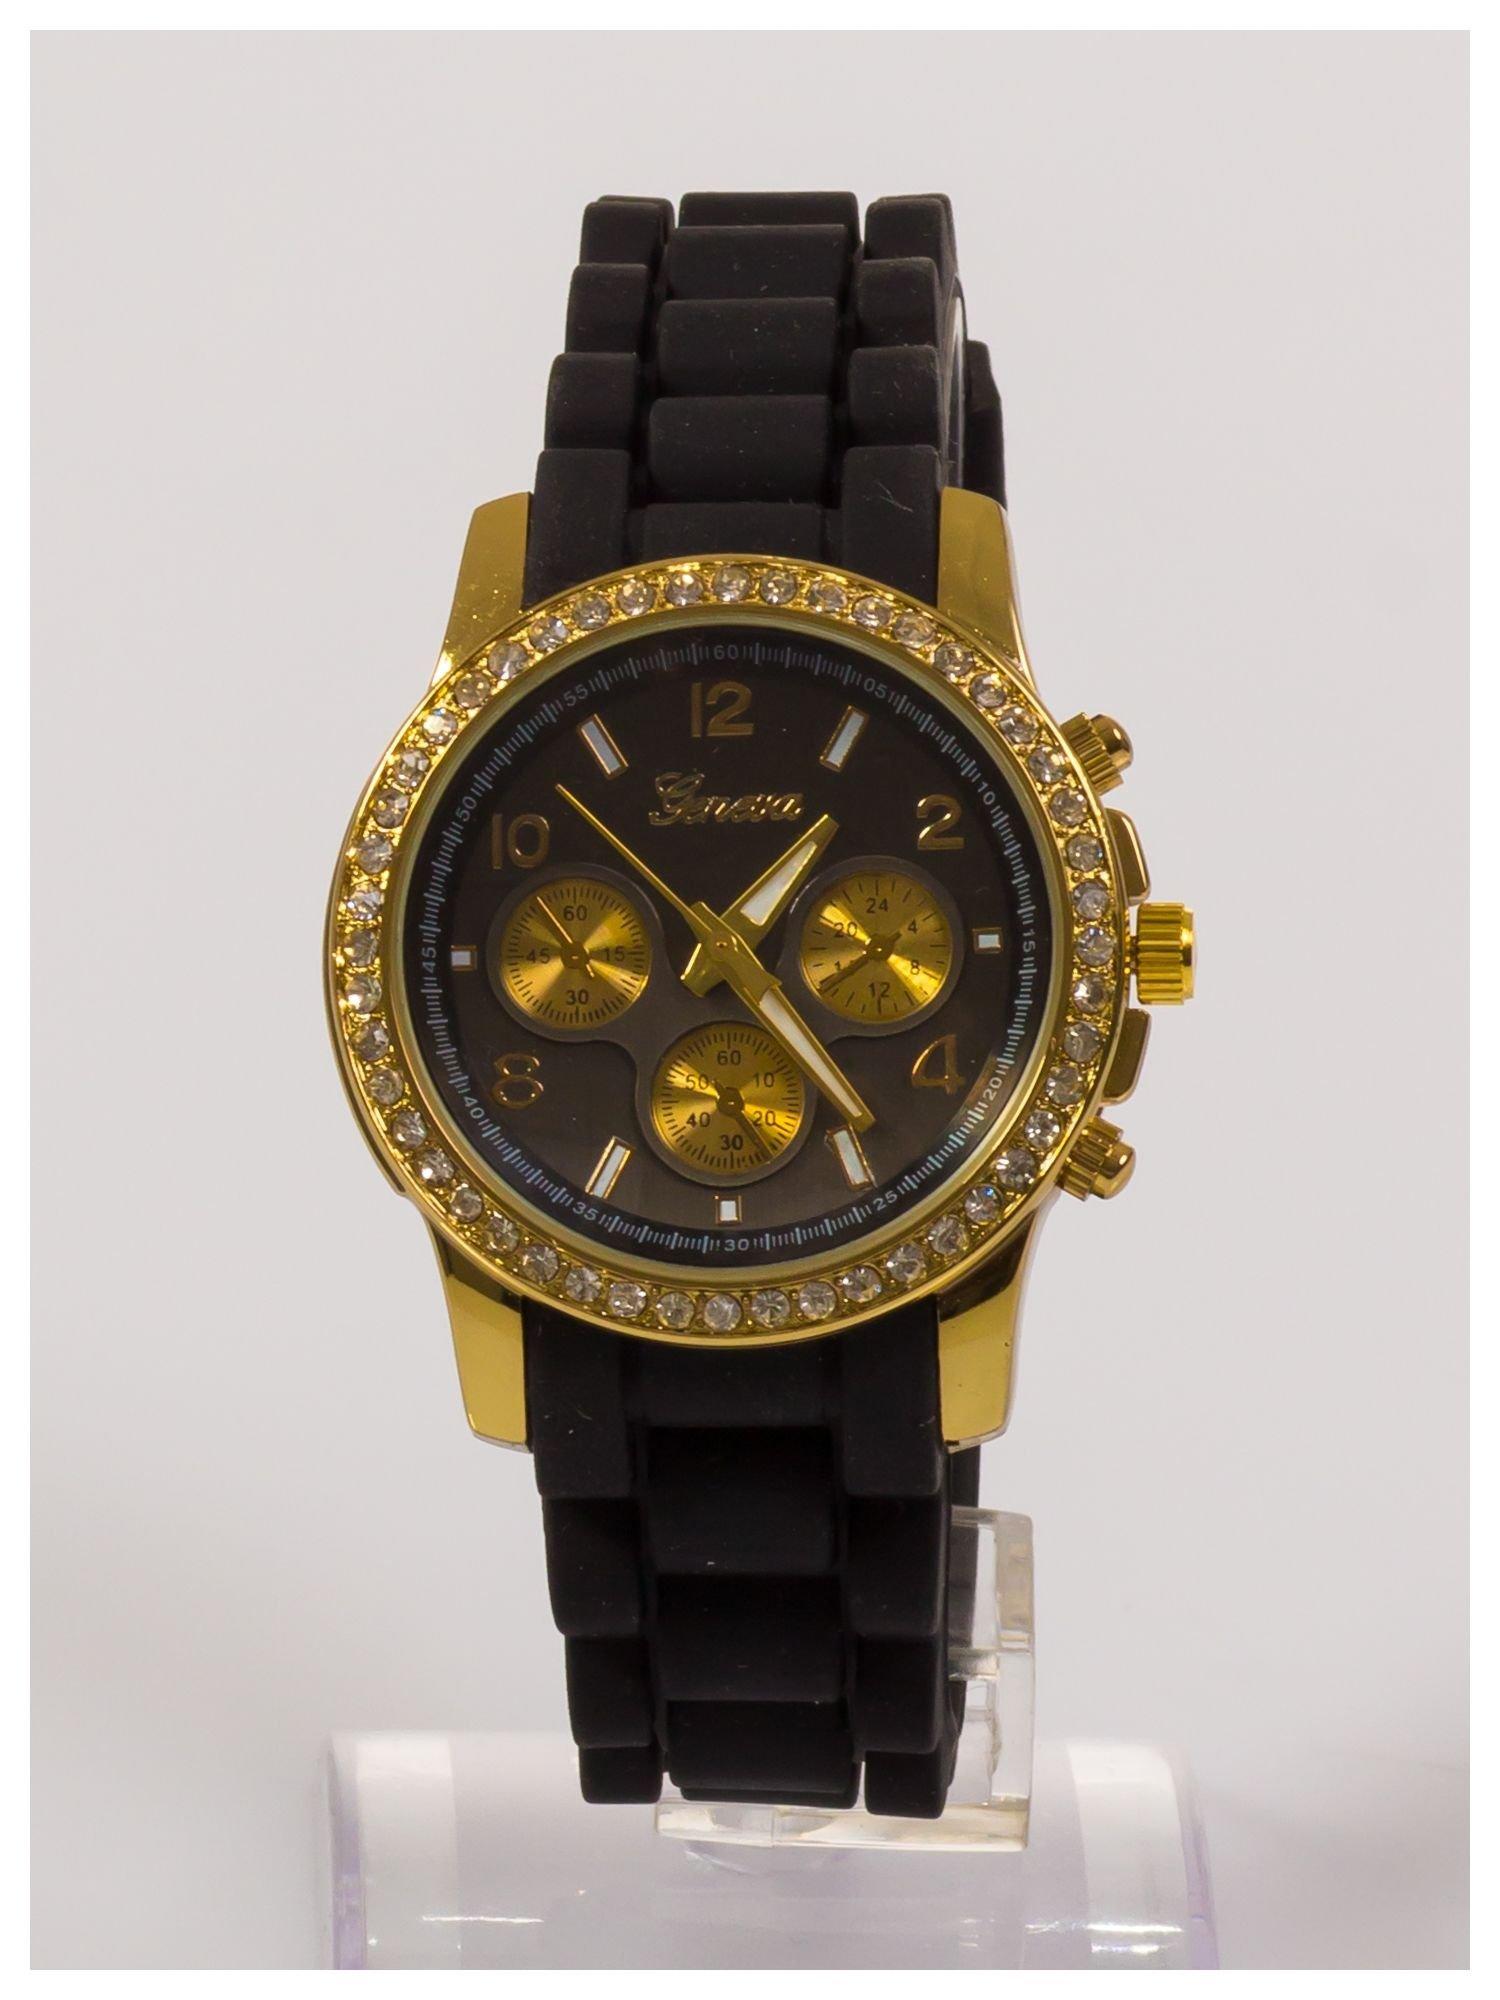 Damski zegarek z cyrkoniami i ozdobnym chronografem na wygodnym silikonowym pasku                                  zdj.                                  1